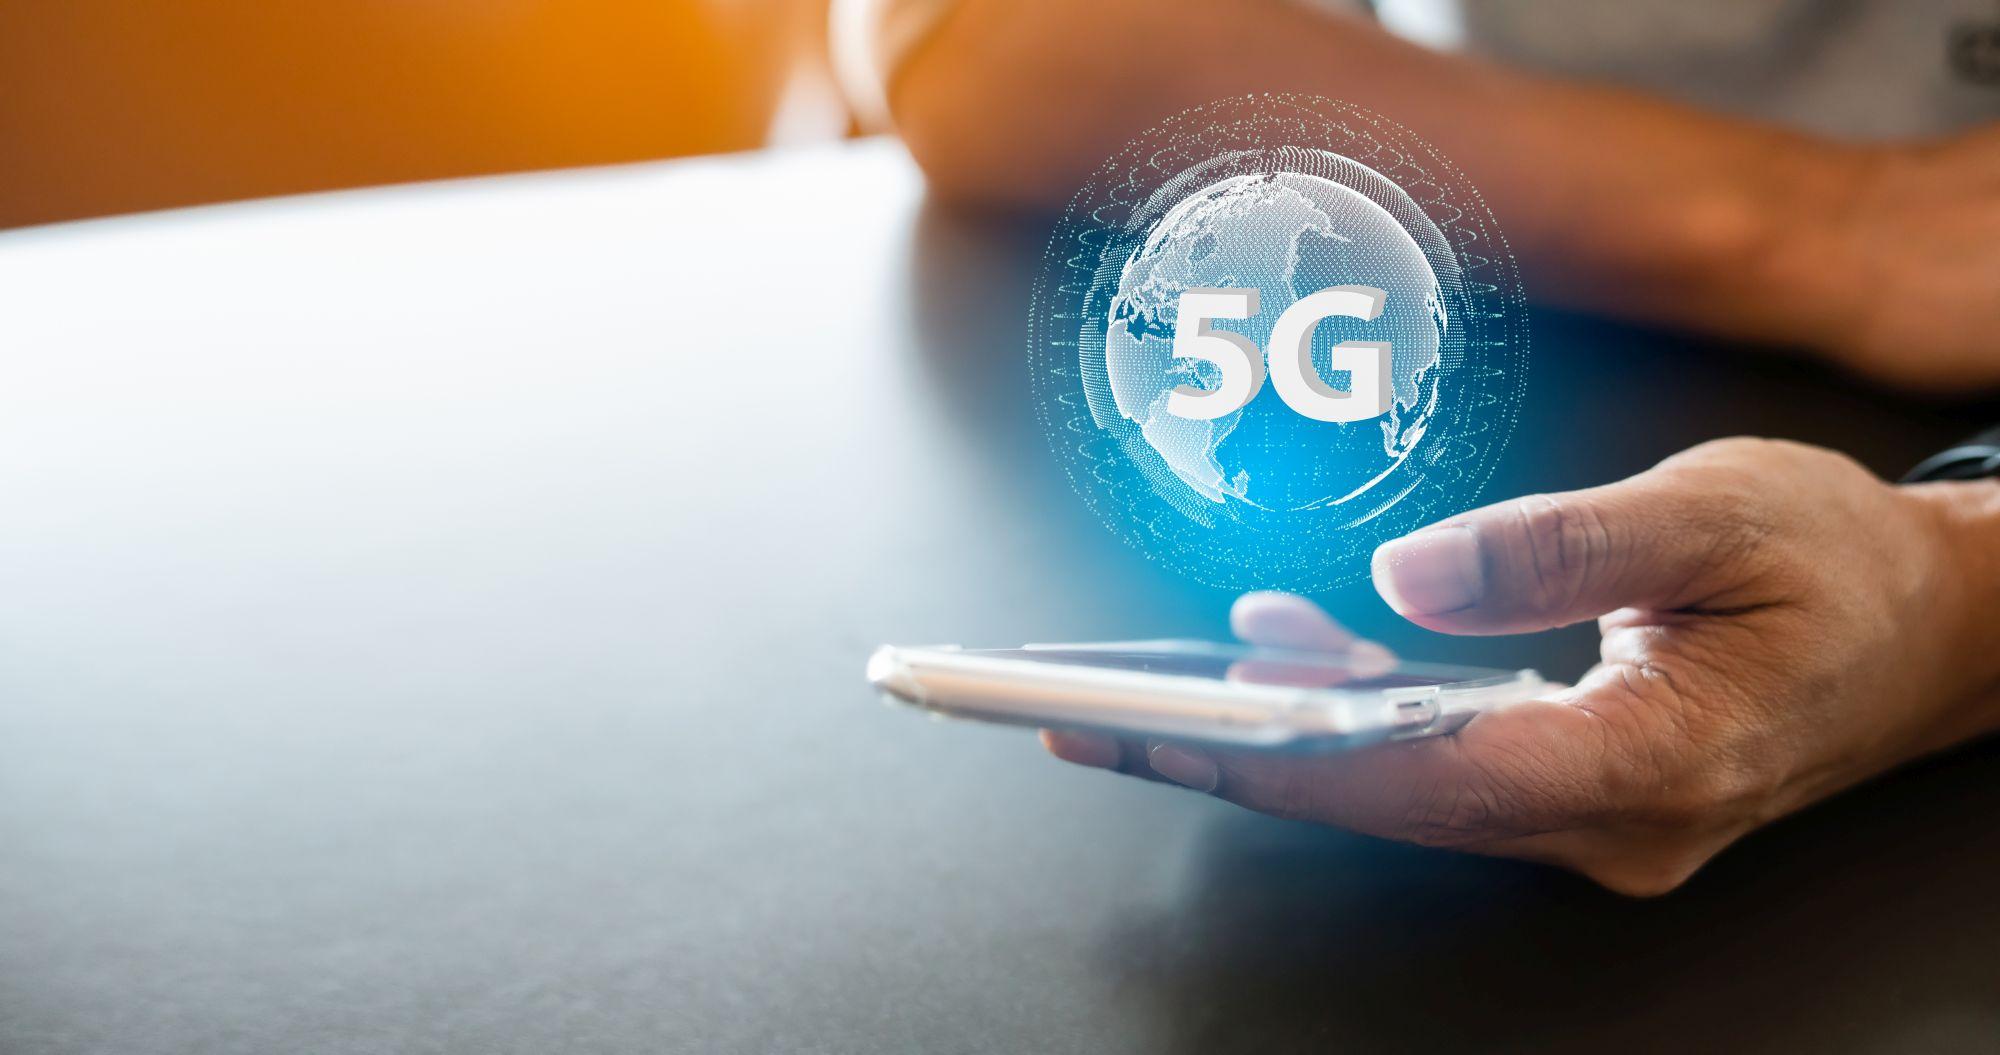 Mobiltelefonnal elérhető az 5g hálózat